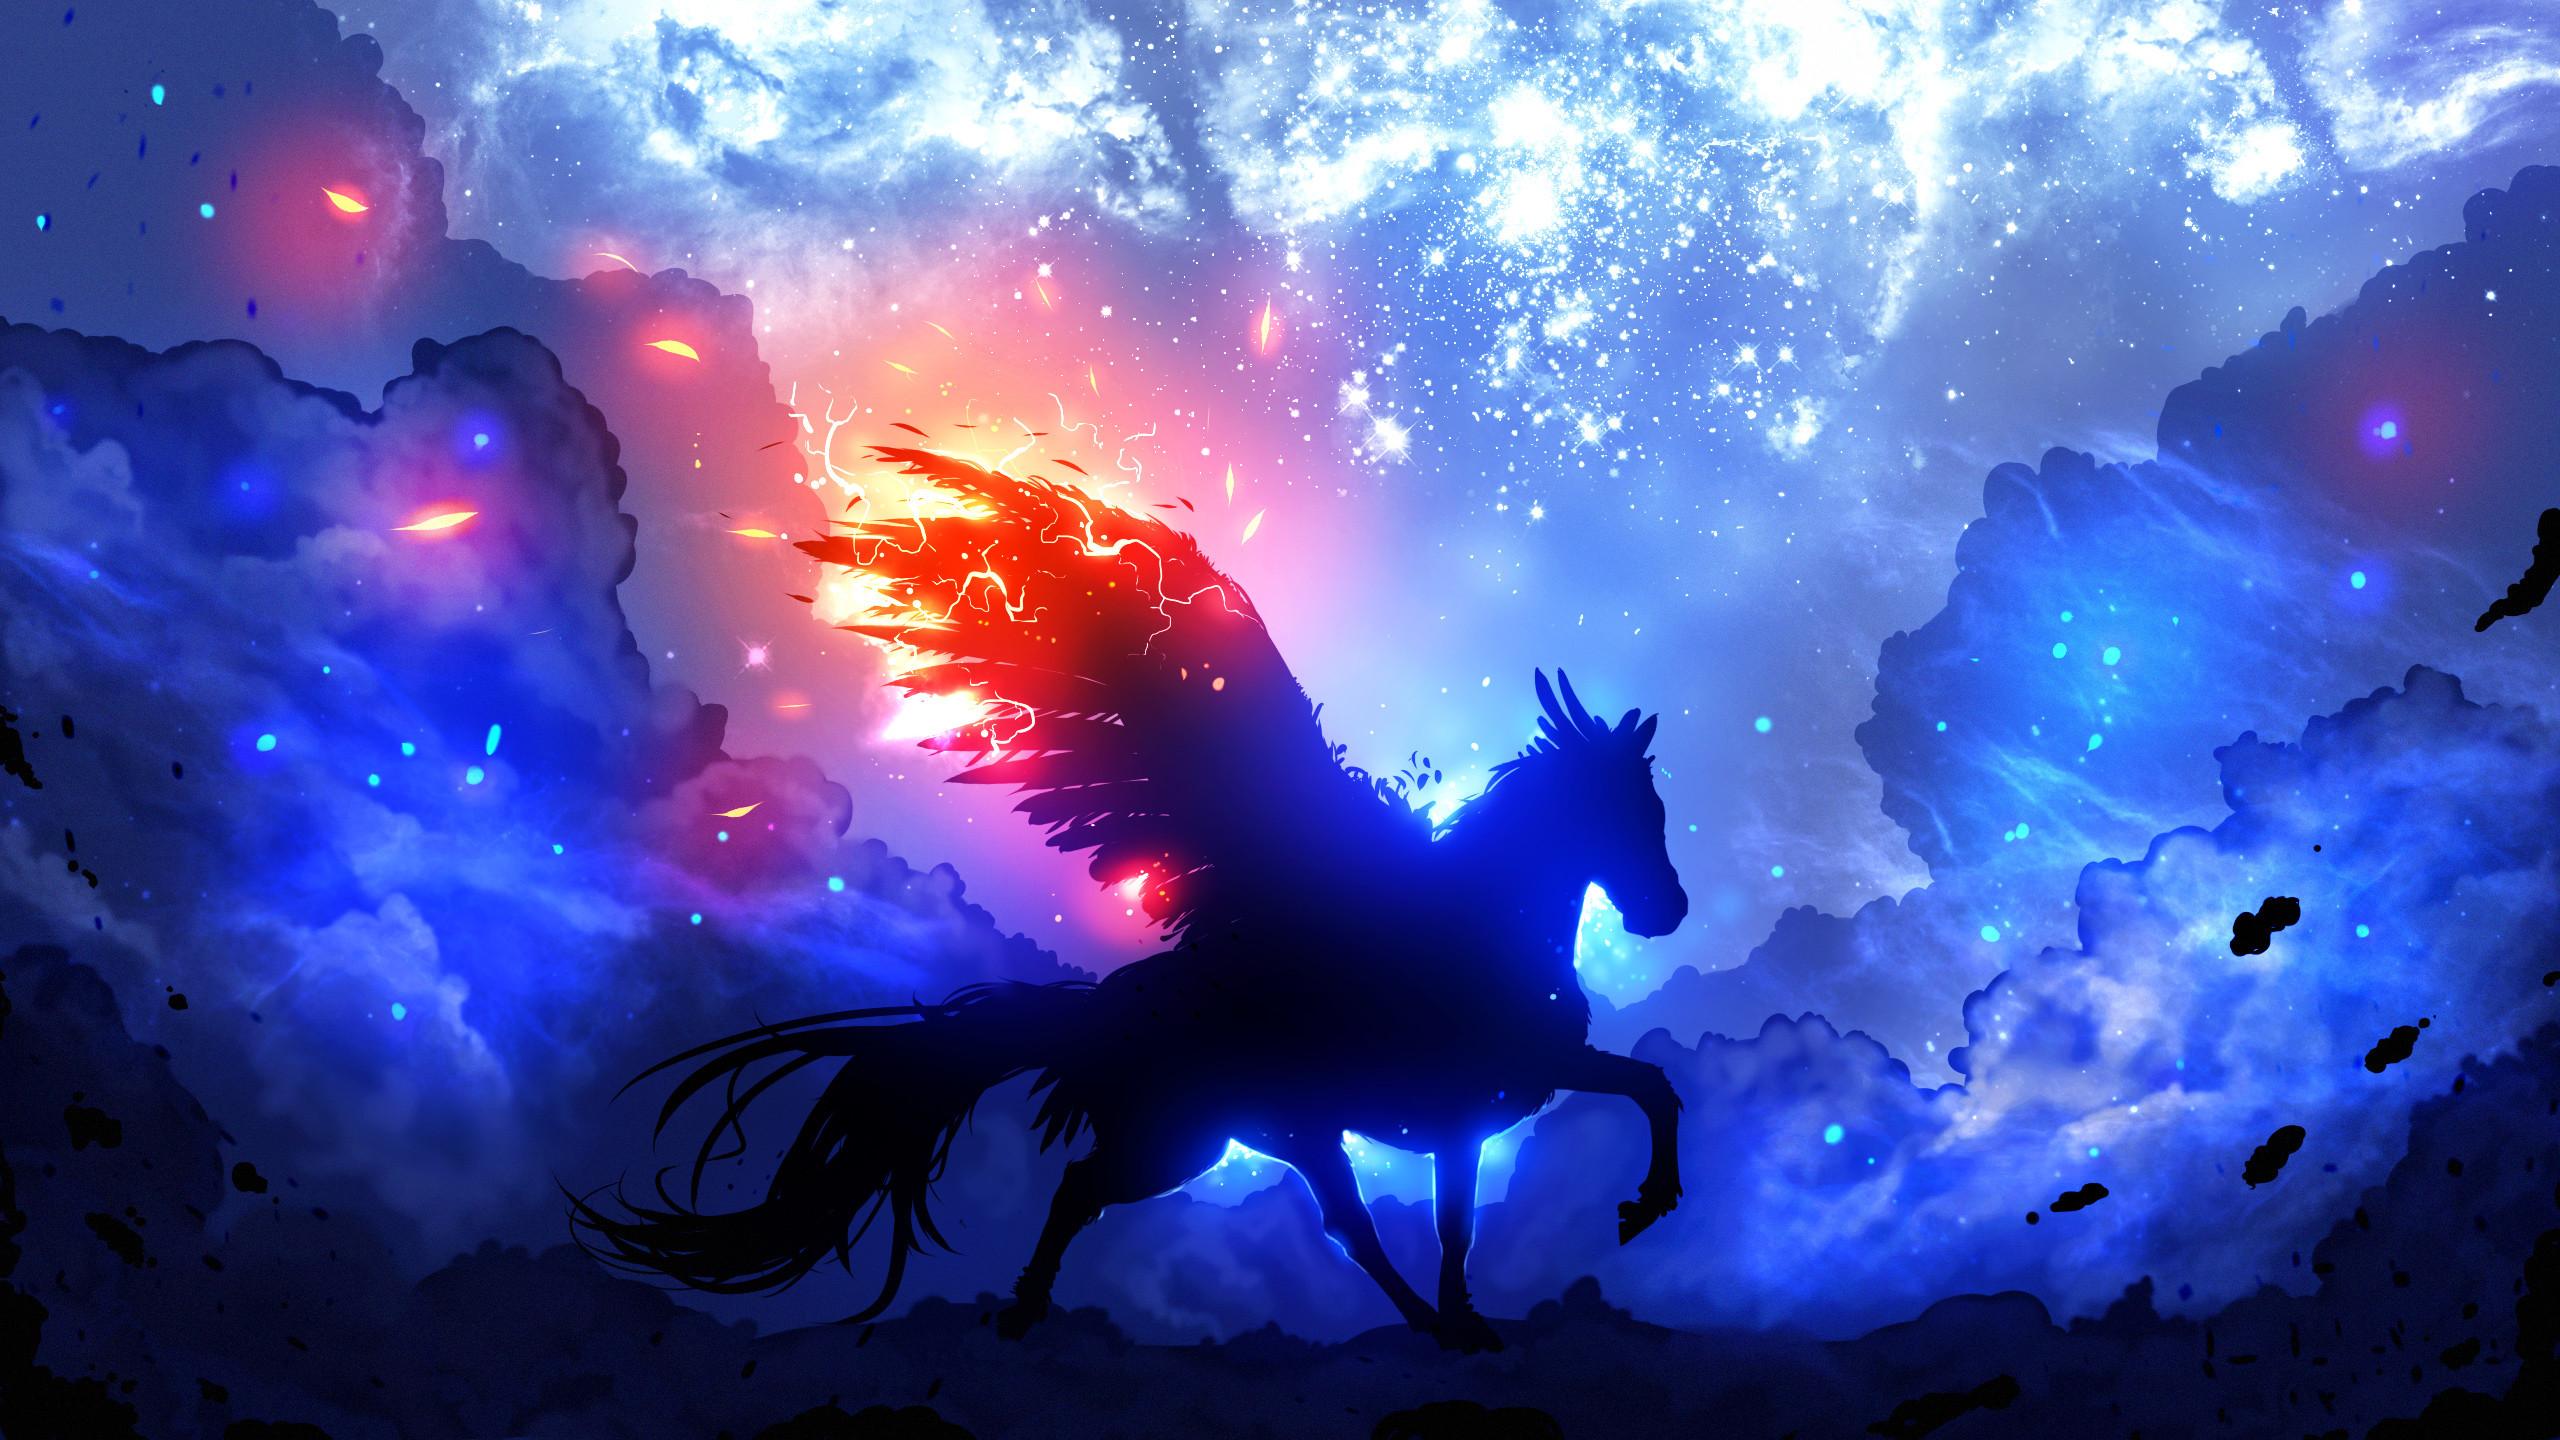 Creative Graphics / Pegasus Wallpaper. Pegasus, Guardian, Space, Stars